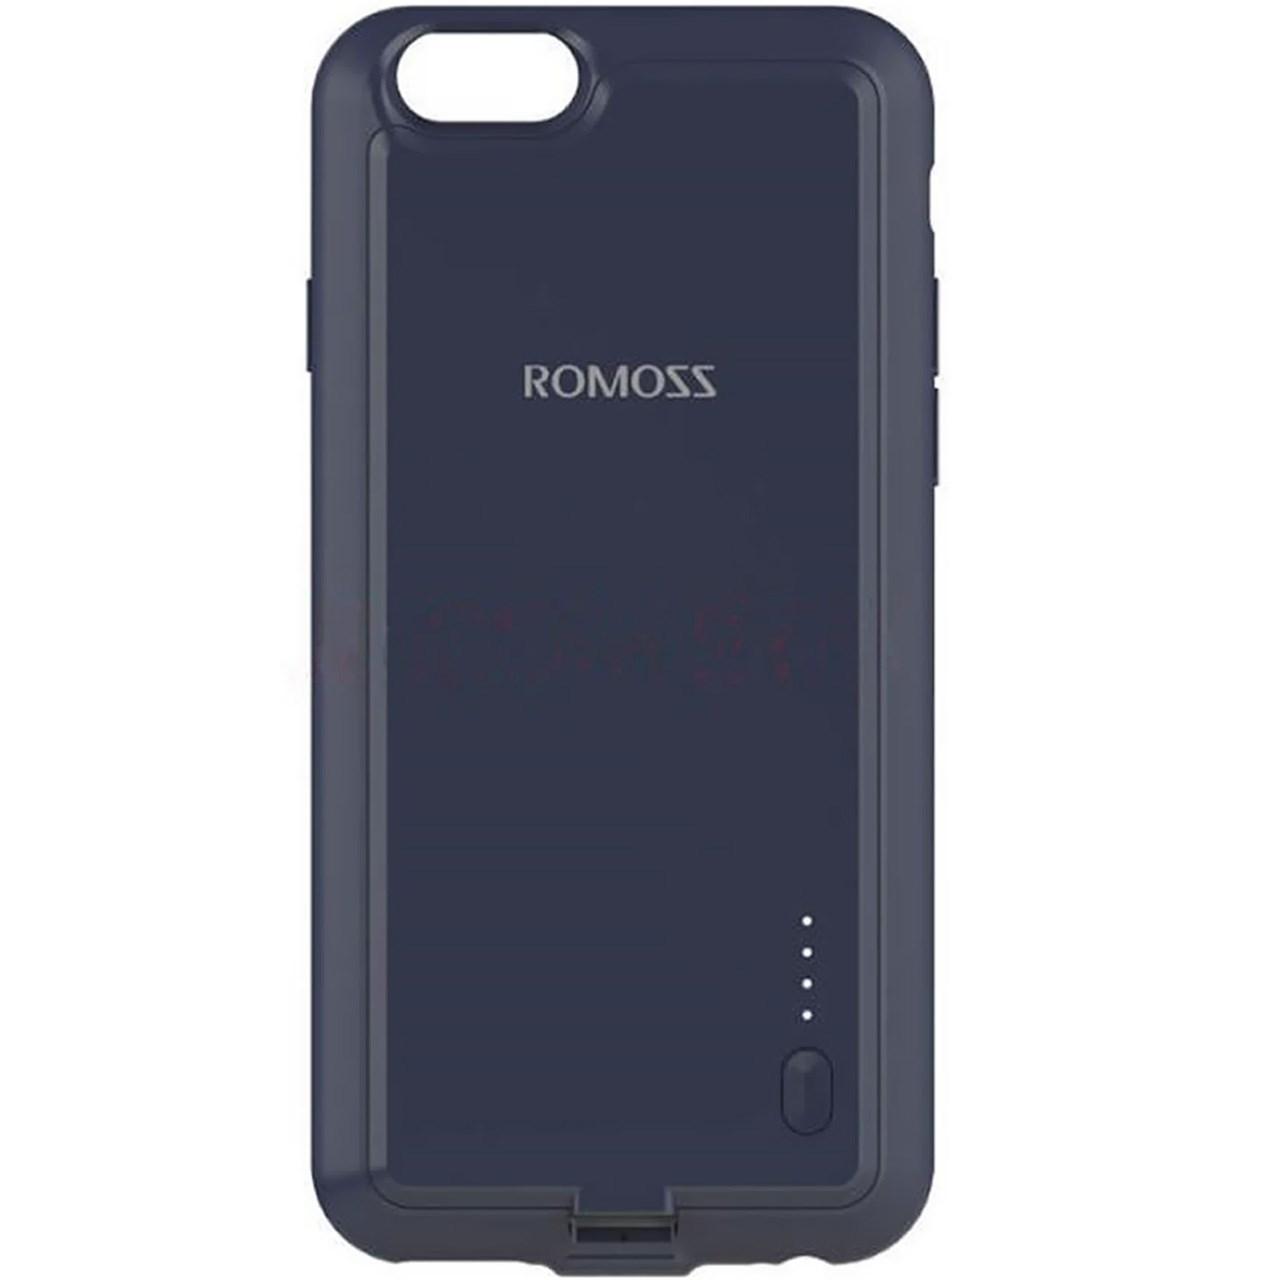 کاور شارژ روموس مدل Encase 6P ظرفیت 2800 میلی آمپر ساعت مناسب برای گوشی موبایل آیفون 6 پلاس/6s پلاس